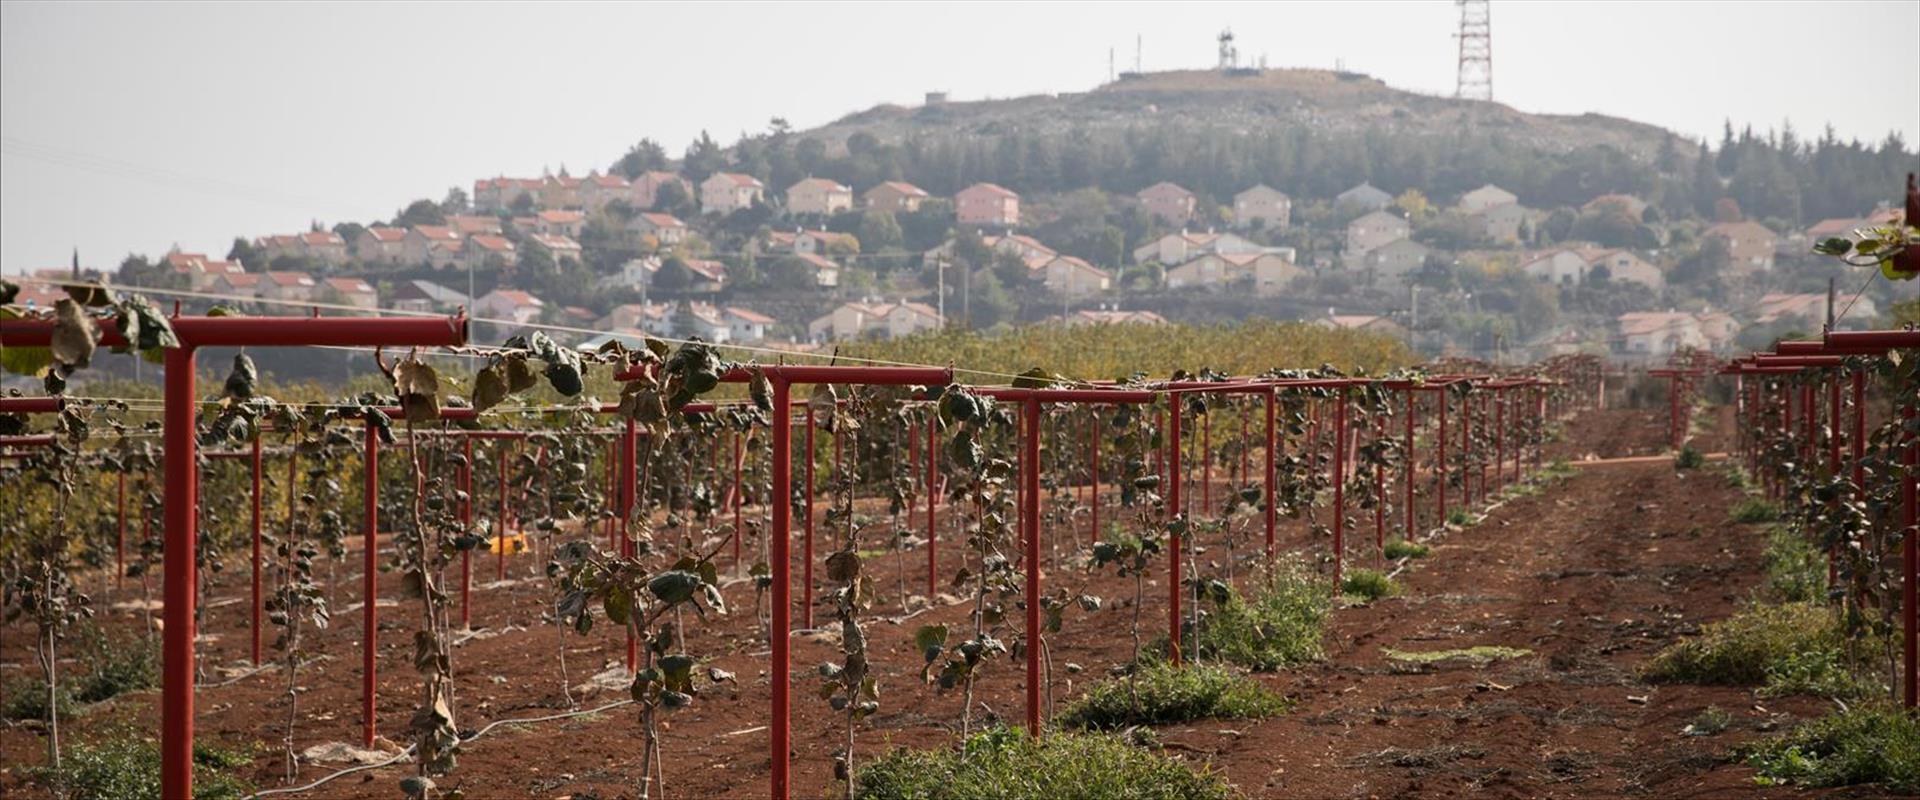 שטח חקלאי בגבול לבנון, ארכיון